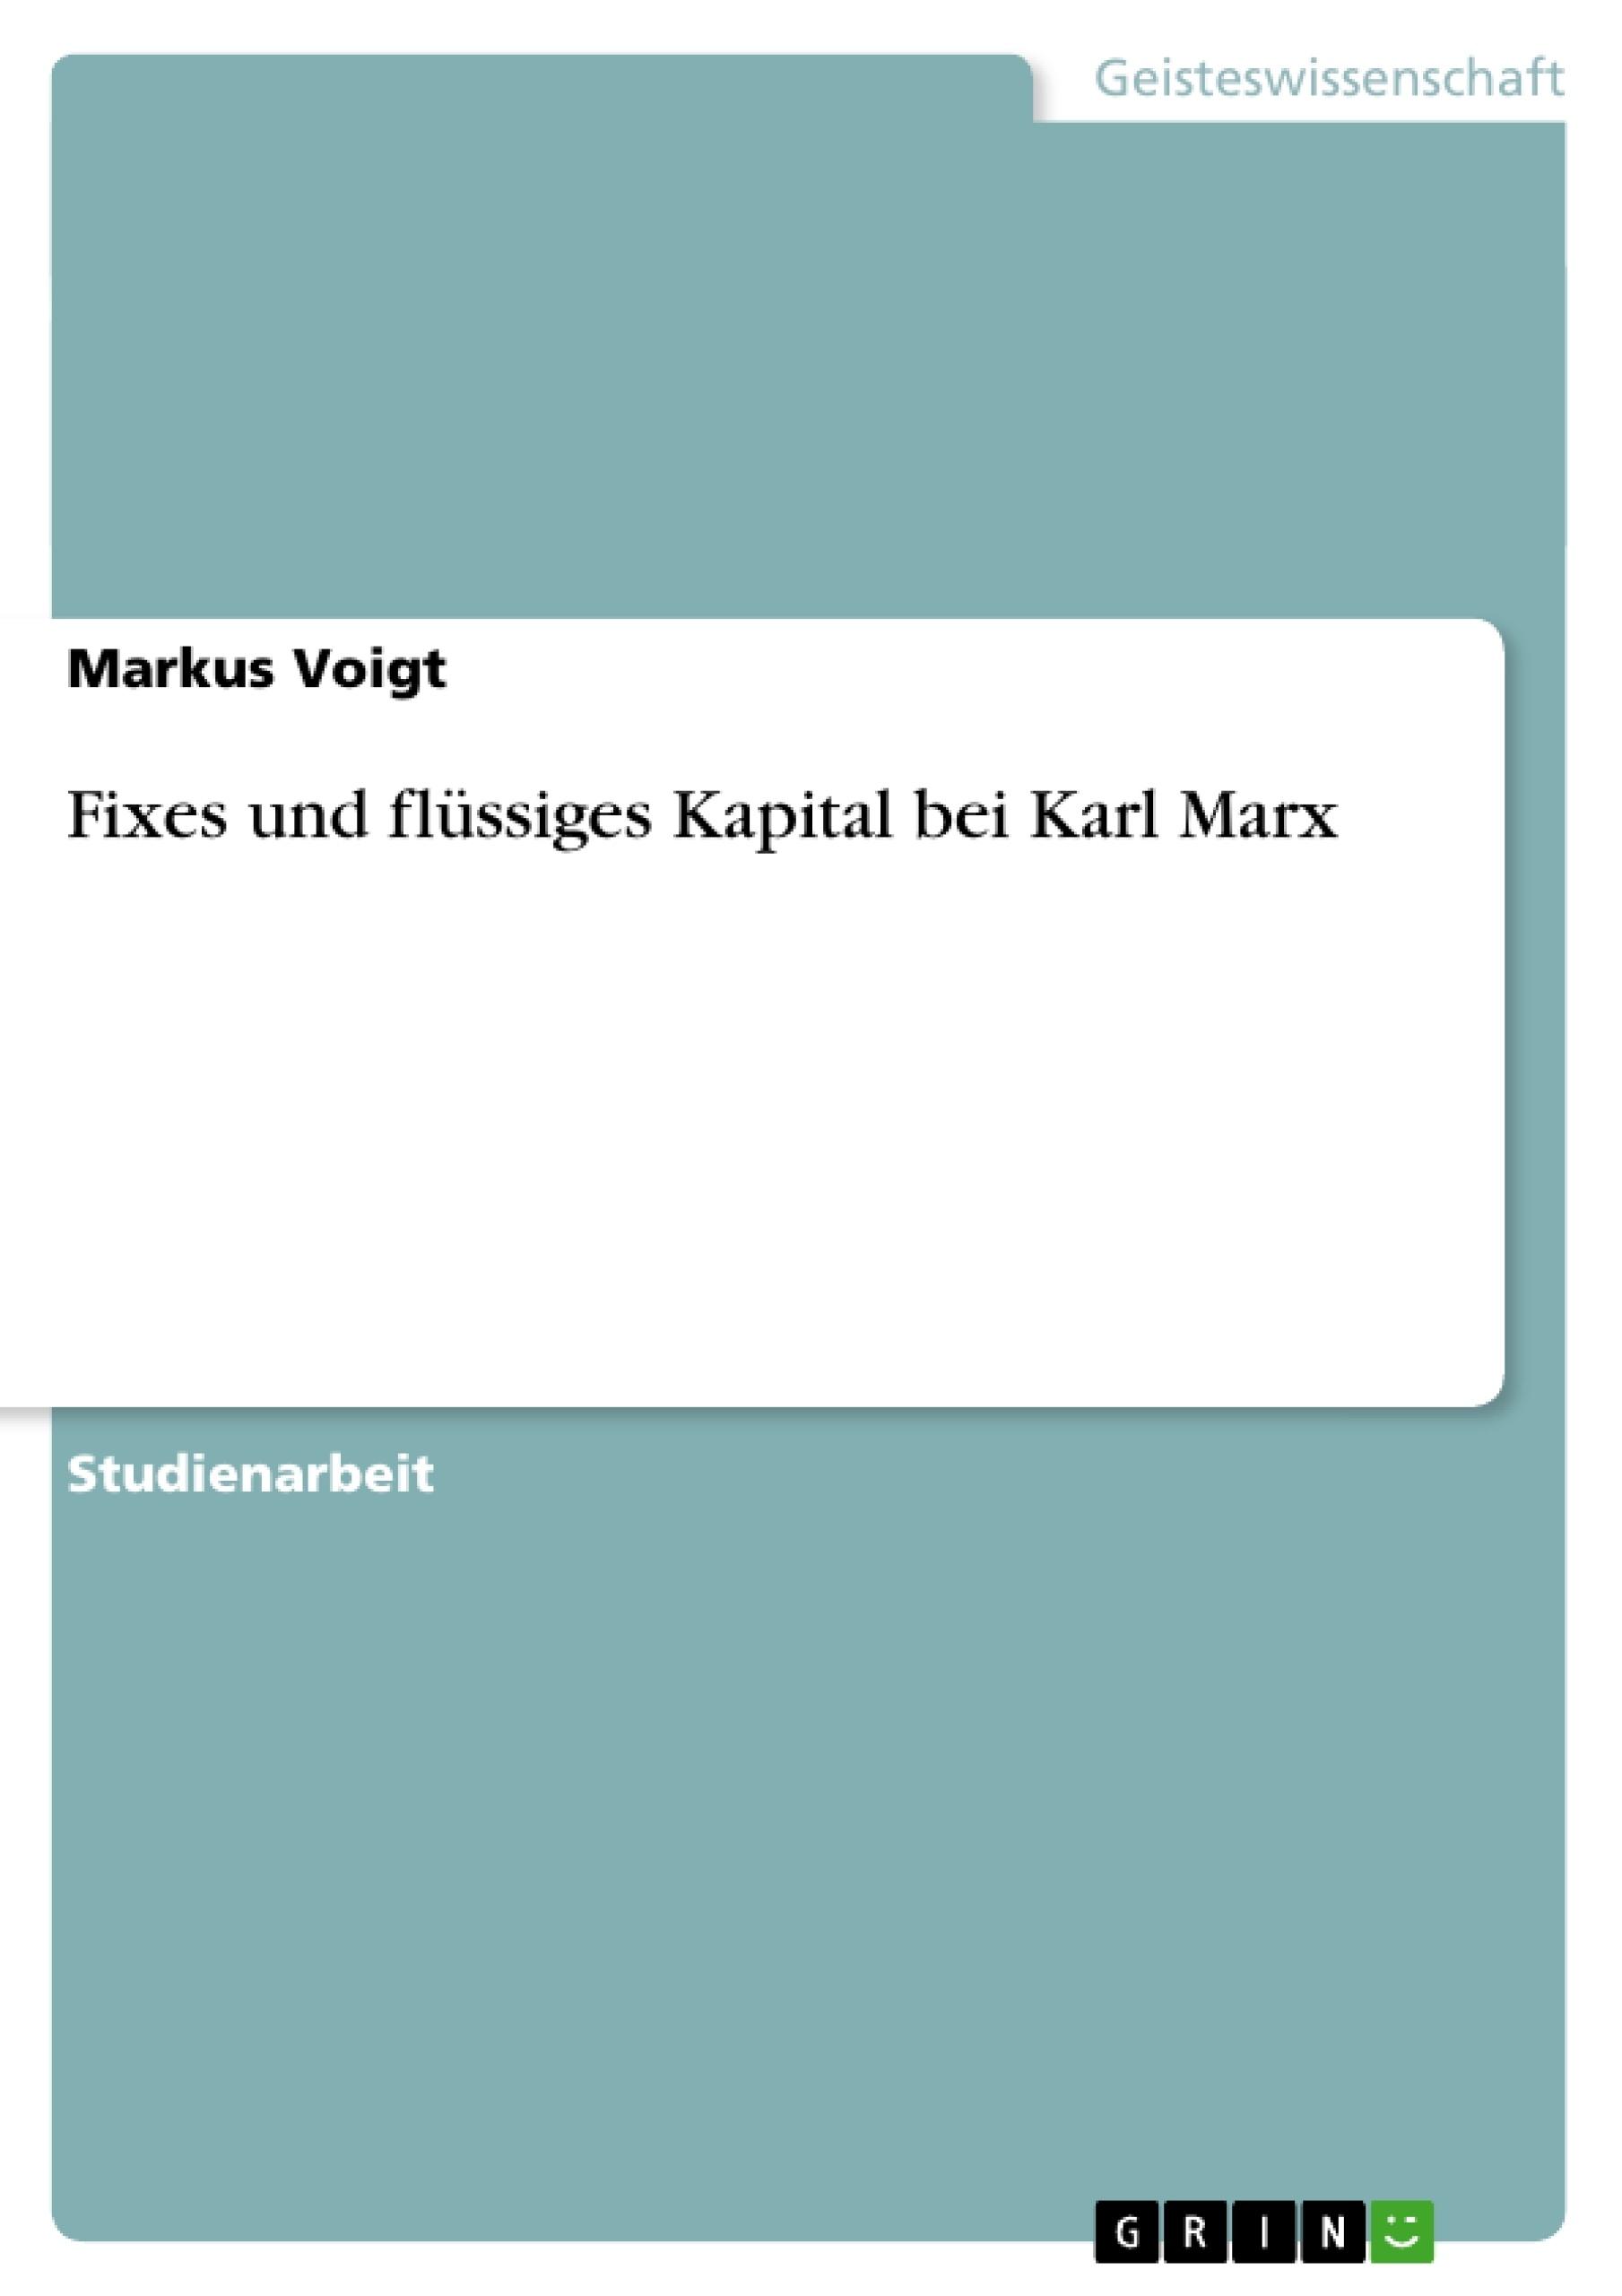 Titel: Fixes und flüssiges Kapital bei Karl Marx